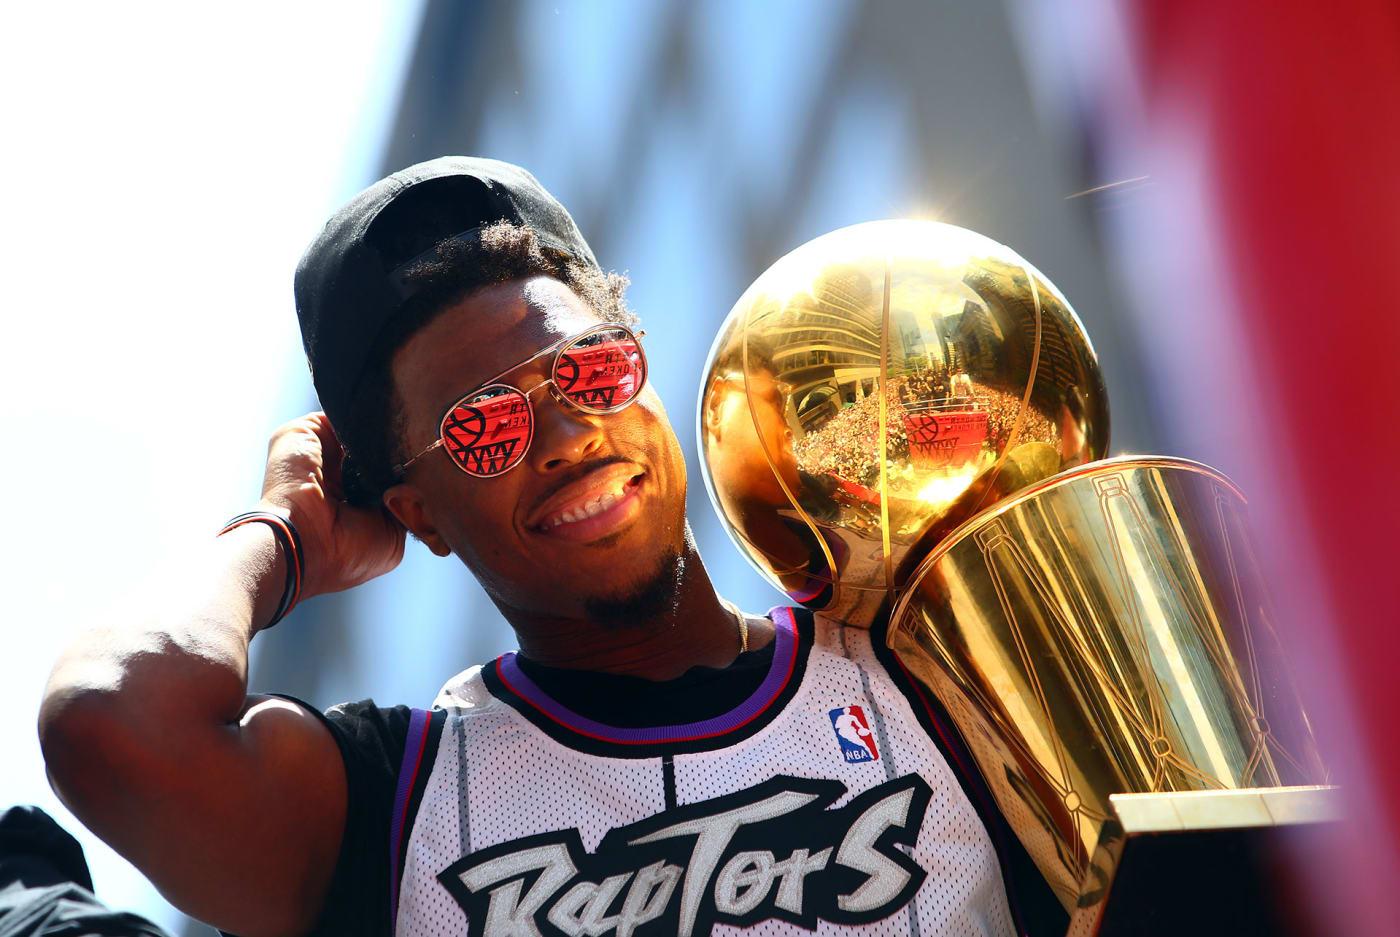 Kyle Lowry Raptors championship parade Toronto